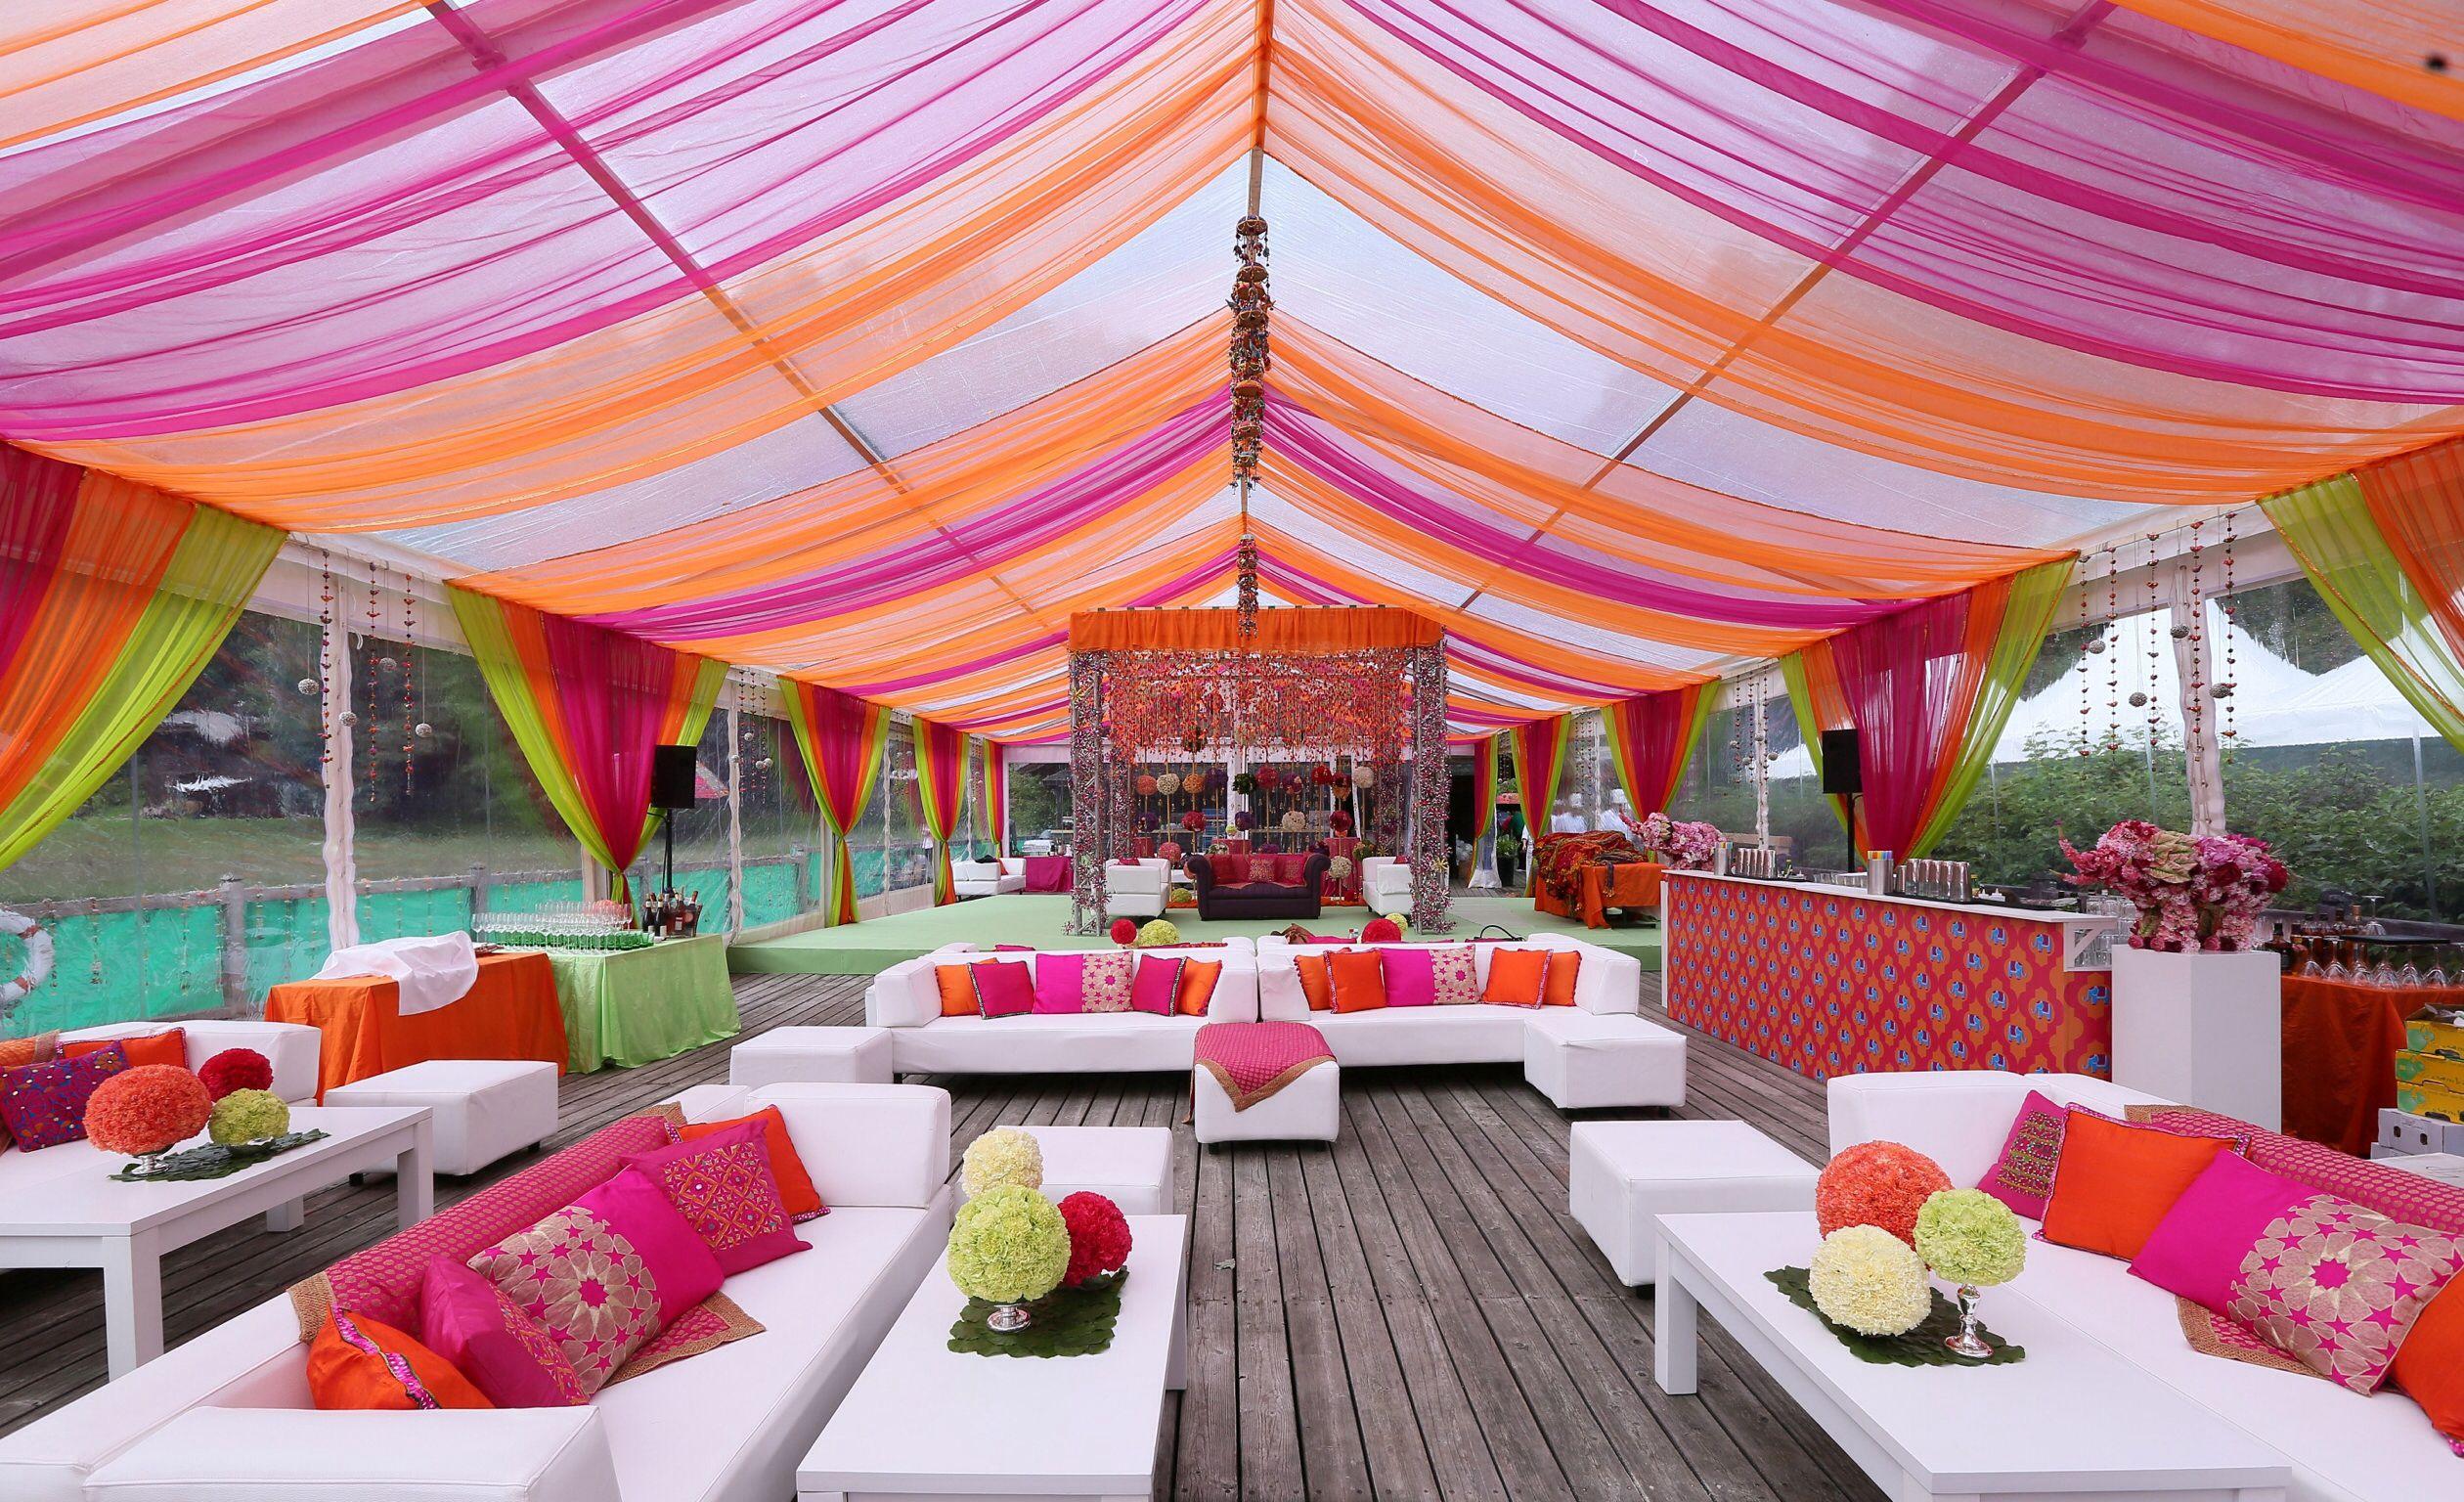 Resort Wedding ceremony or Mehndi ceremony ideas for